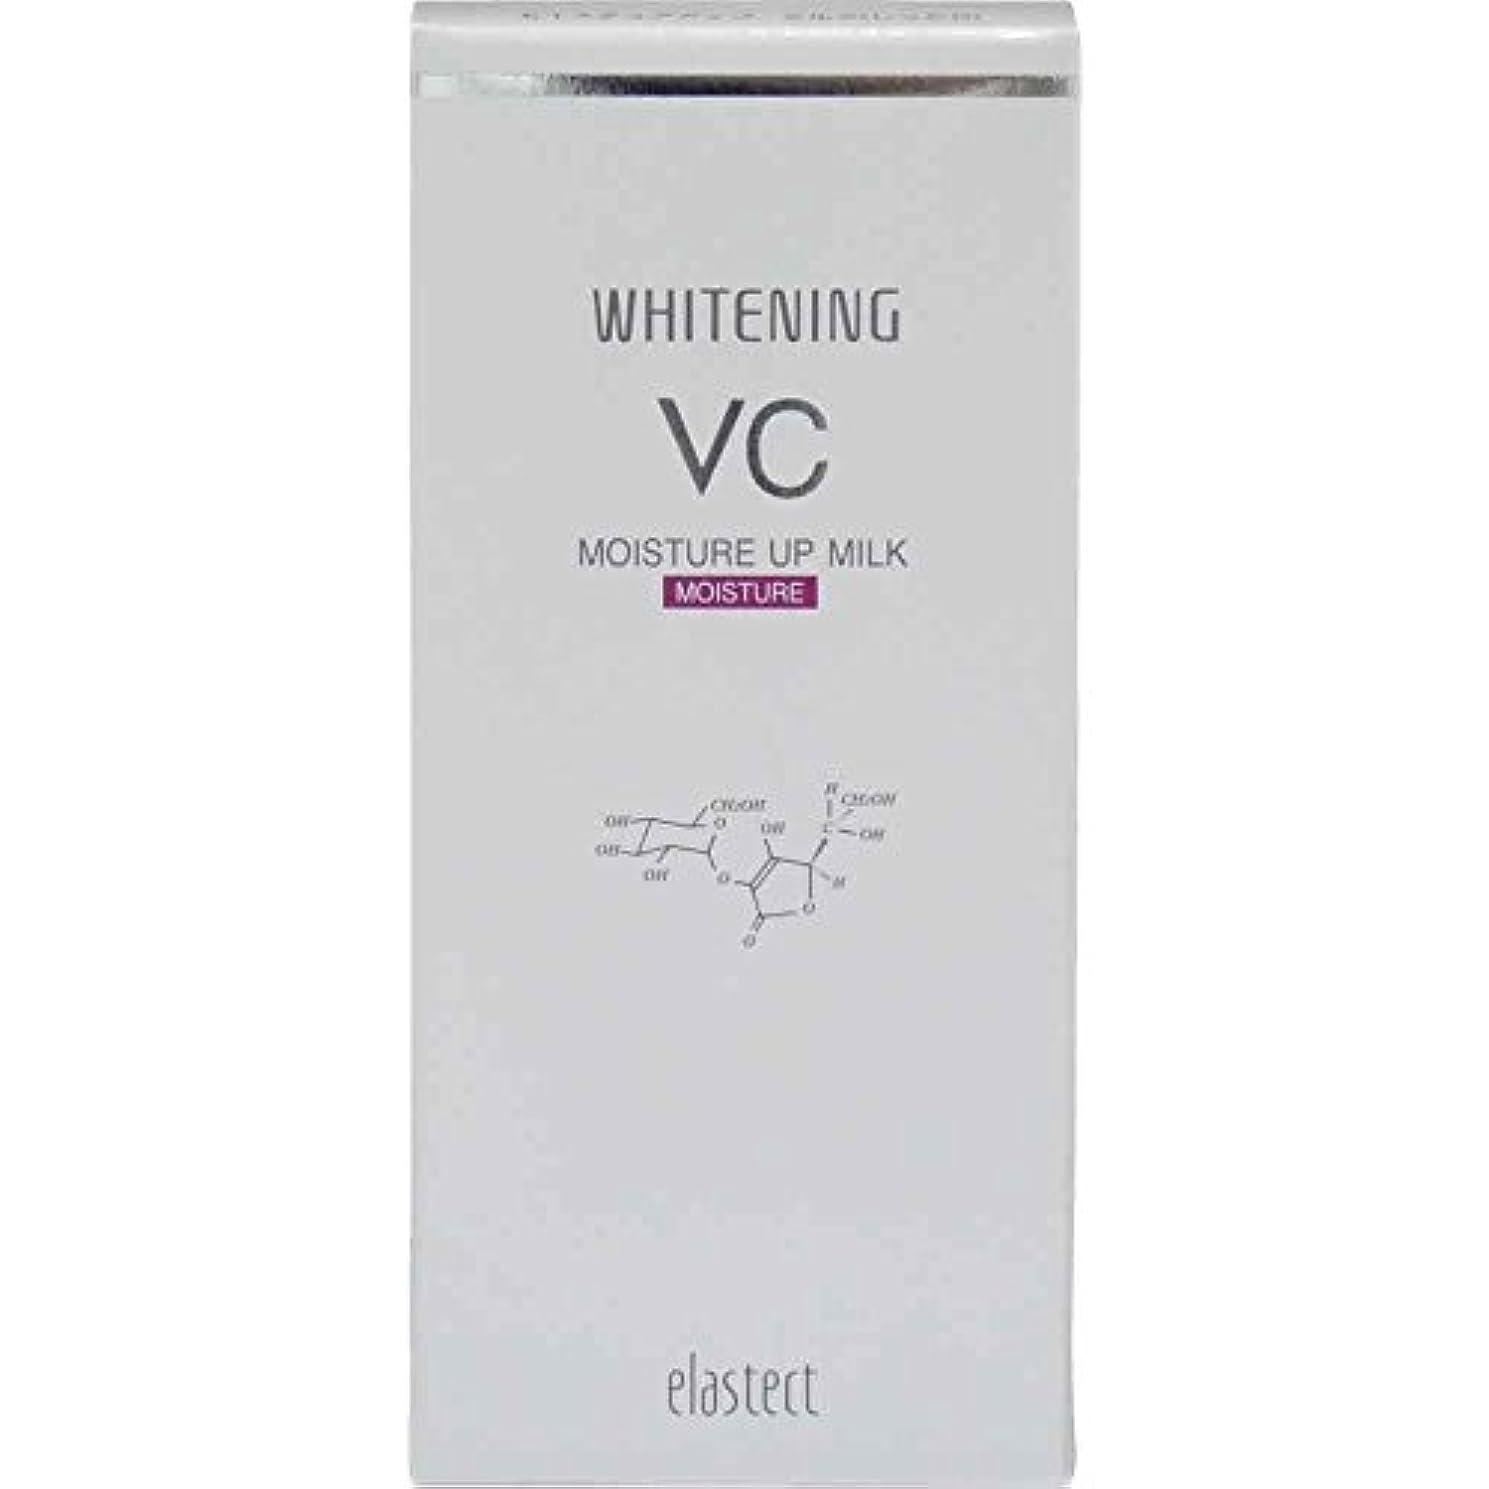 提出するテレックス不道徳エラステクト ホワイトニング モイスチュアアップミルクVC(M) しっとりタイプ 120mL 【医薬部外品】